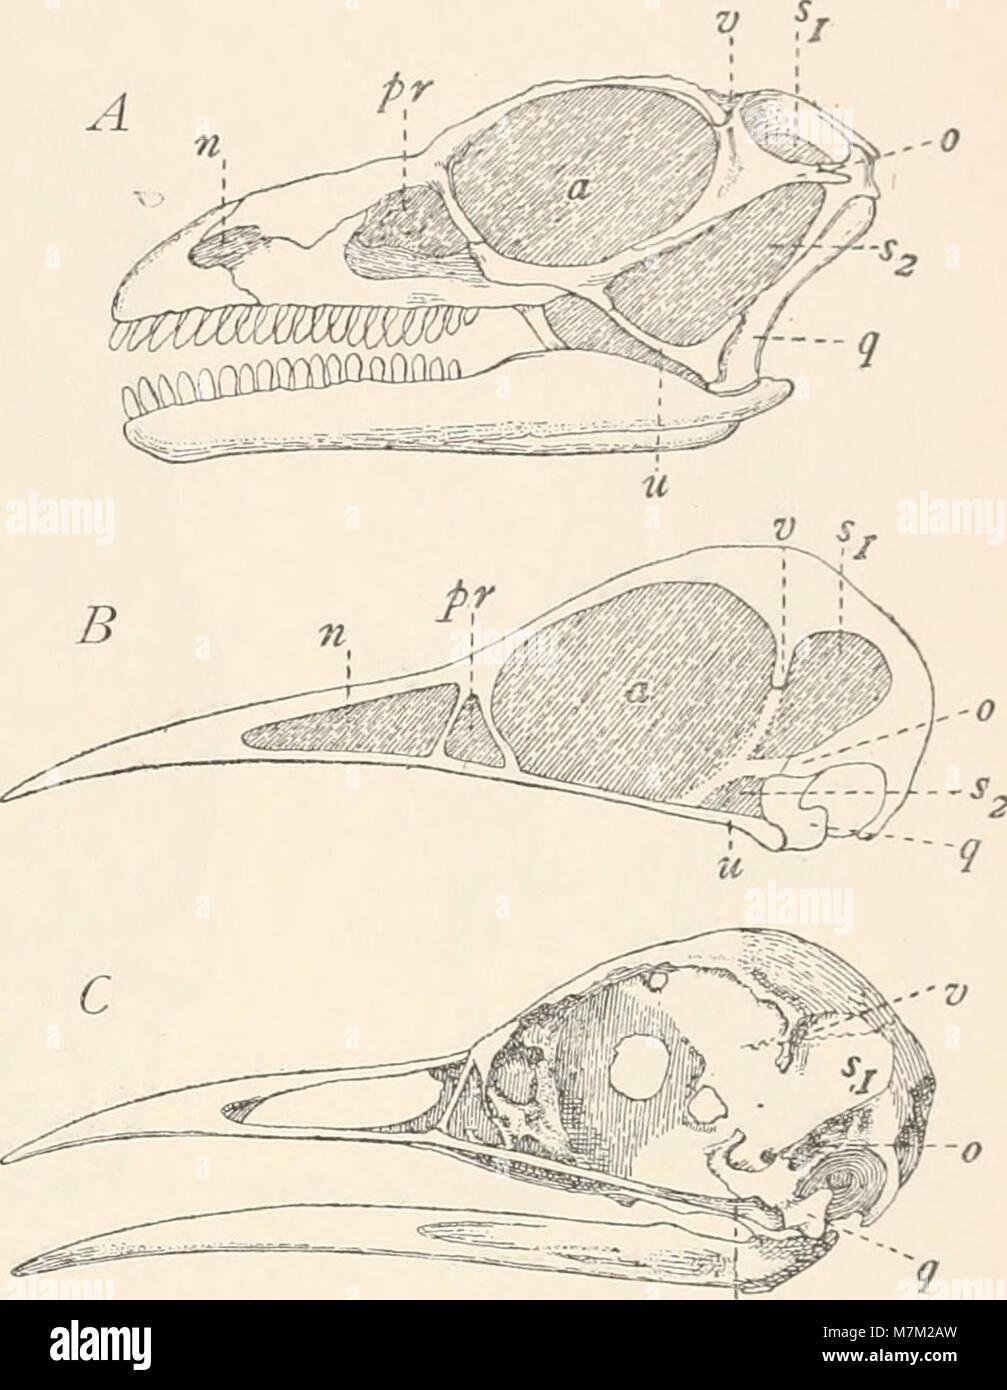 Abstammungslehre, Systematik, Paläontologie, Biogeographie; (1914) (16147110374) - Stock Image